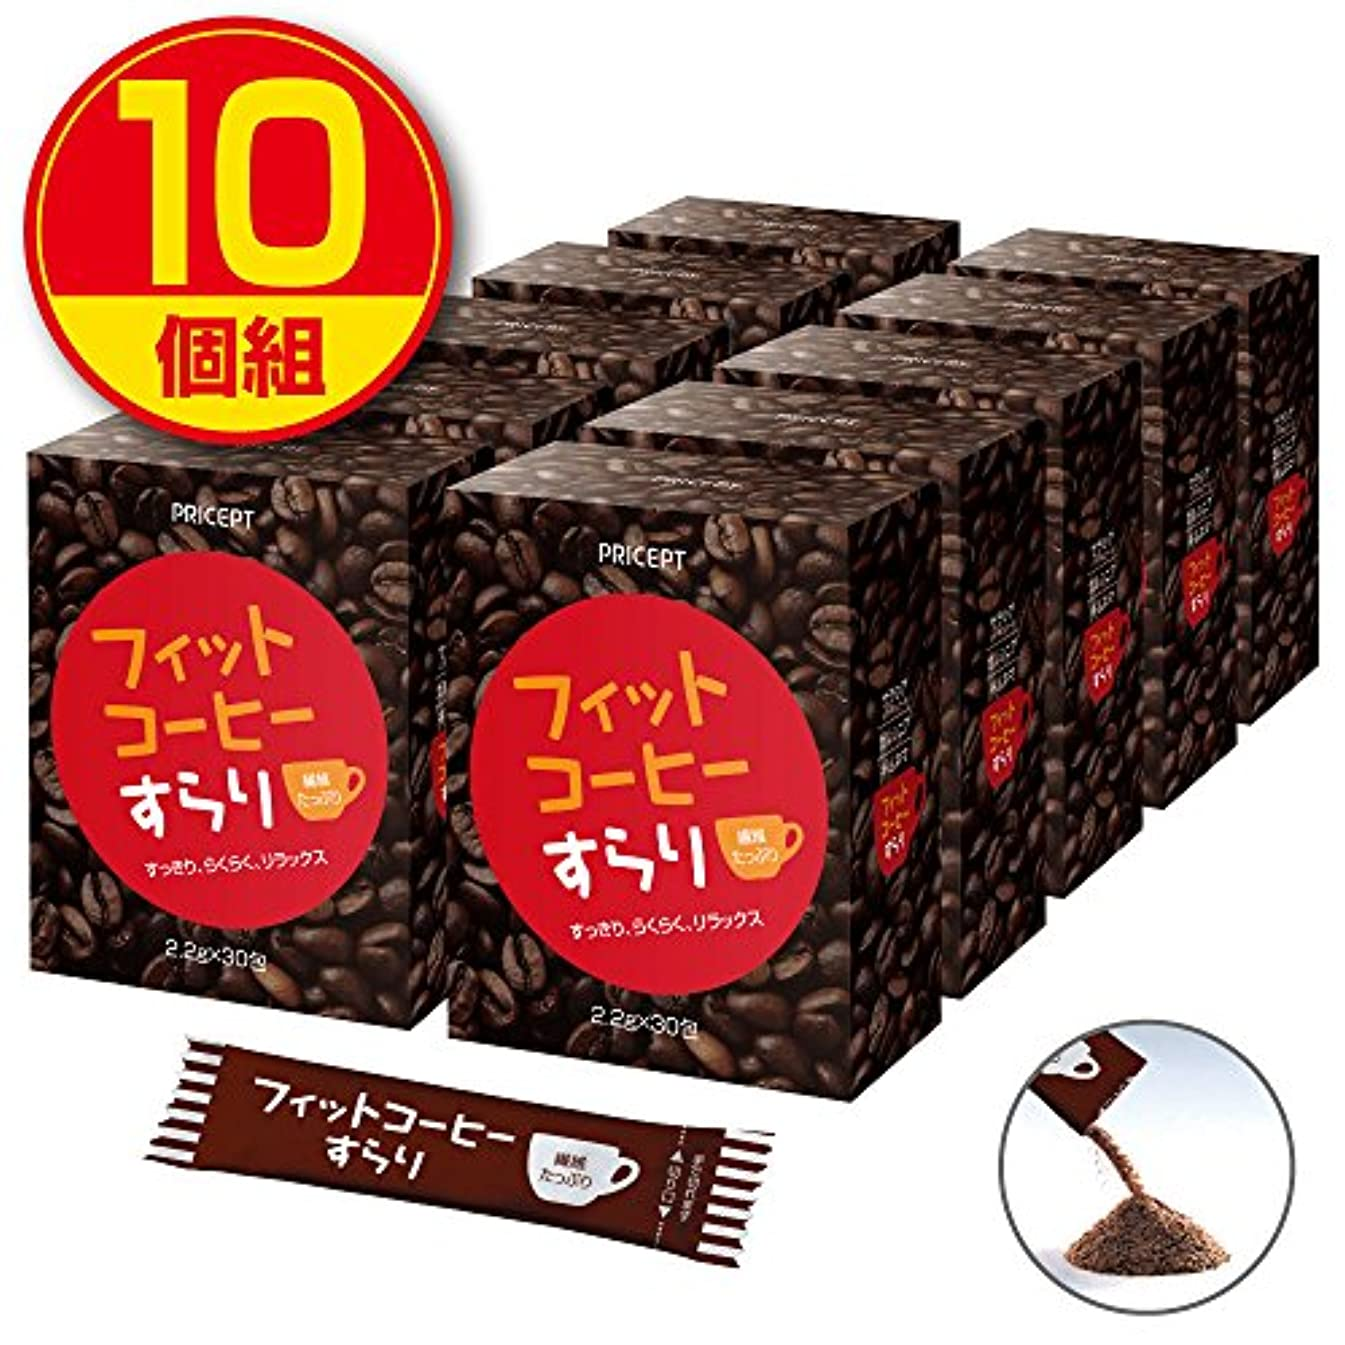 成分ダイヤモンドじゃないプリセプト フィットコーヒーすらり 30包【10個組(300包)】(ダイエットサポートコーヒー)